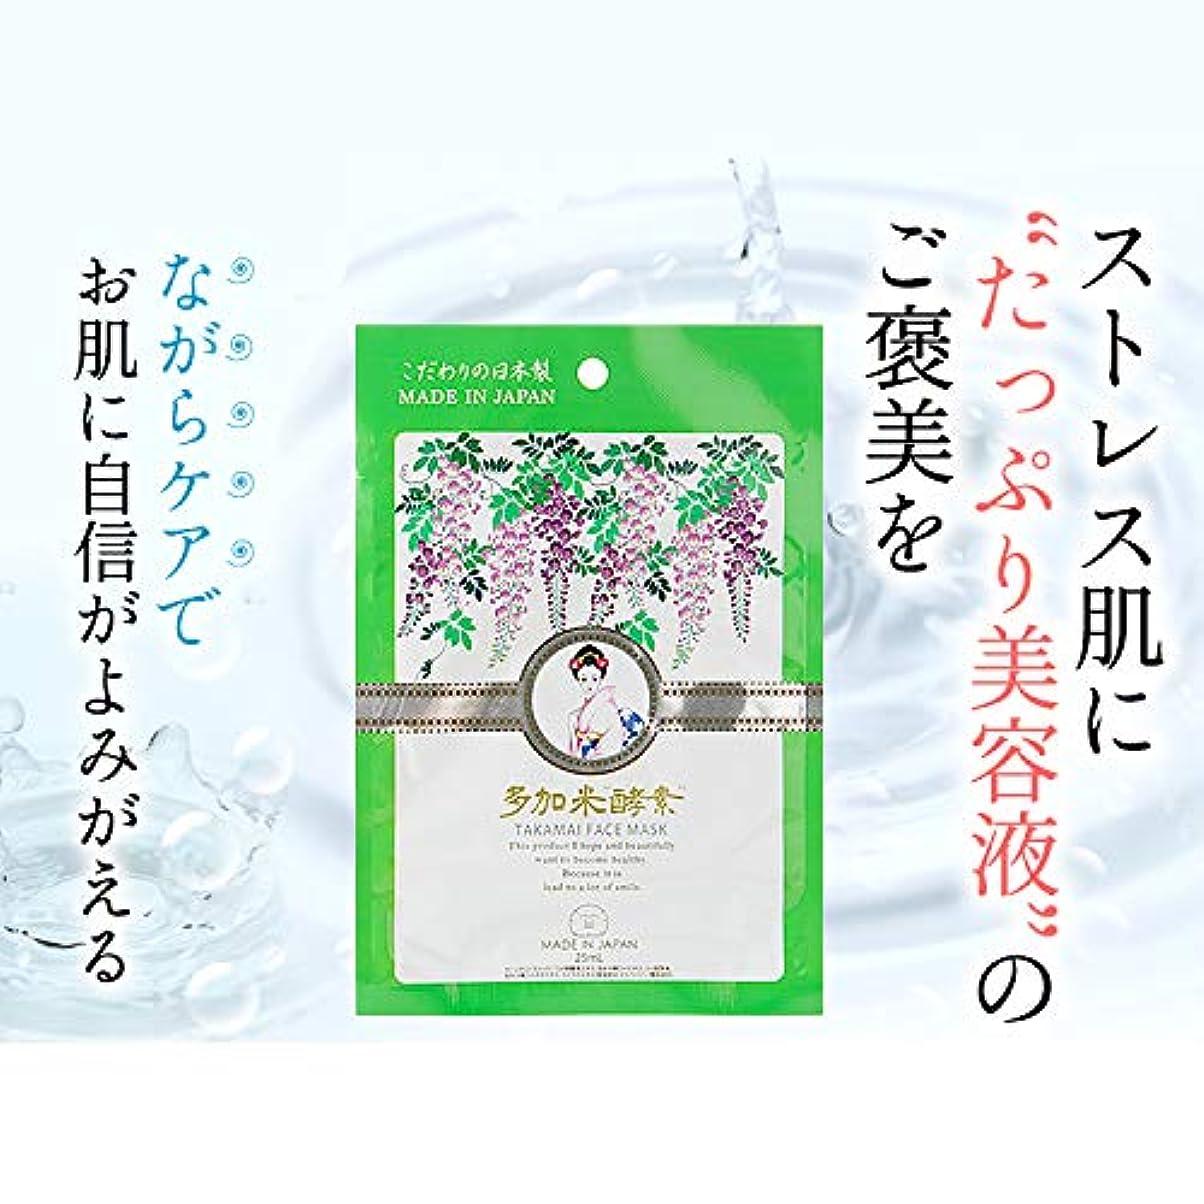 歌不明瞭成人期多加米酵素フェイスマスク シートマスク フェイスマスク 保湿マスク 美容液 25ml 20枚セット